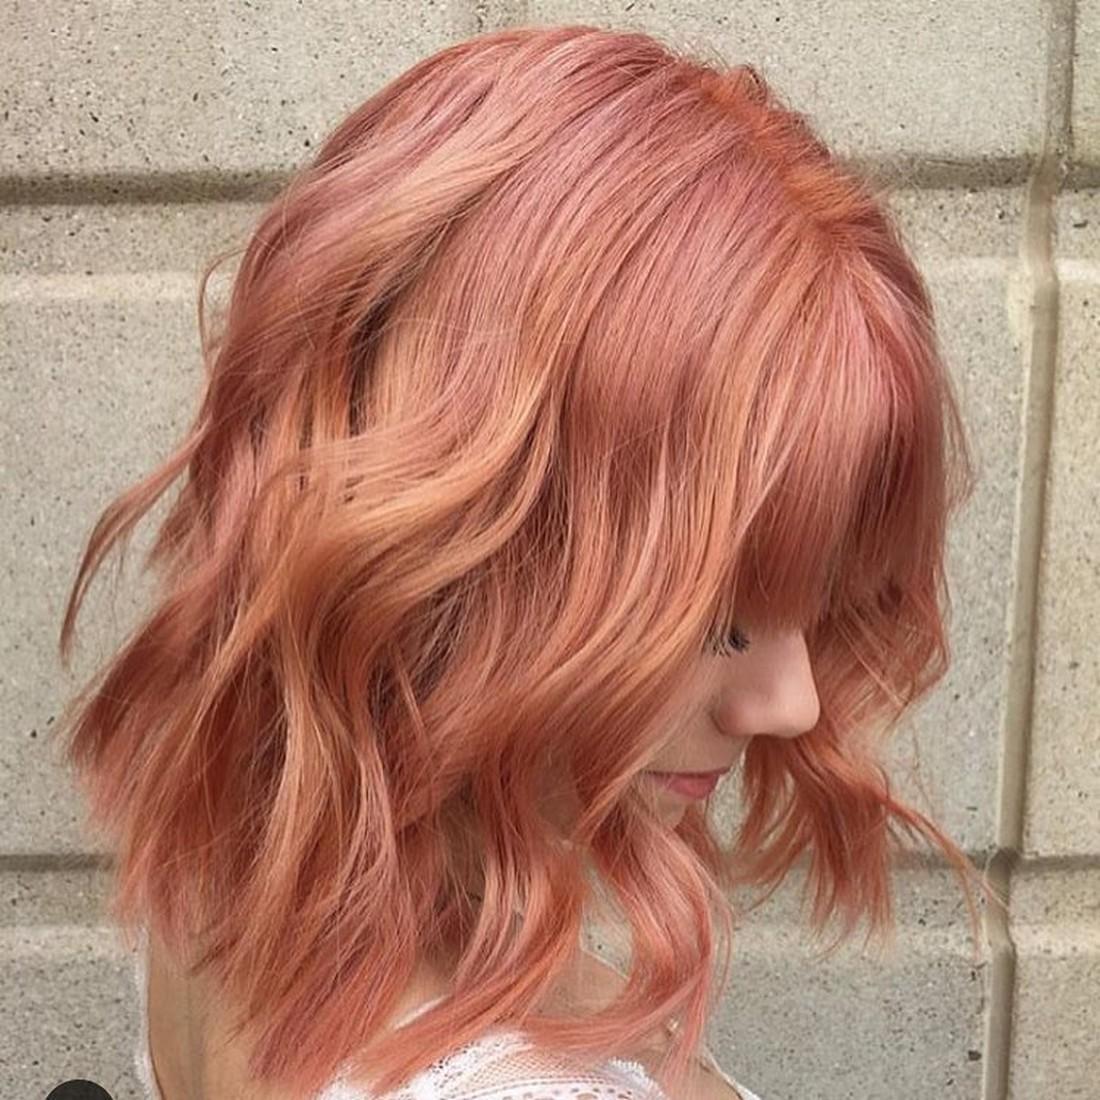 клубничный блонд фото 6